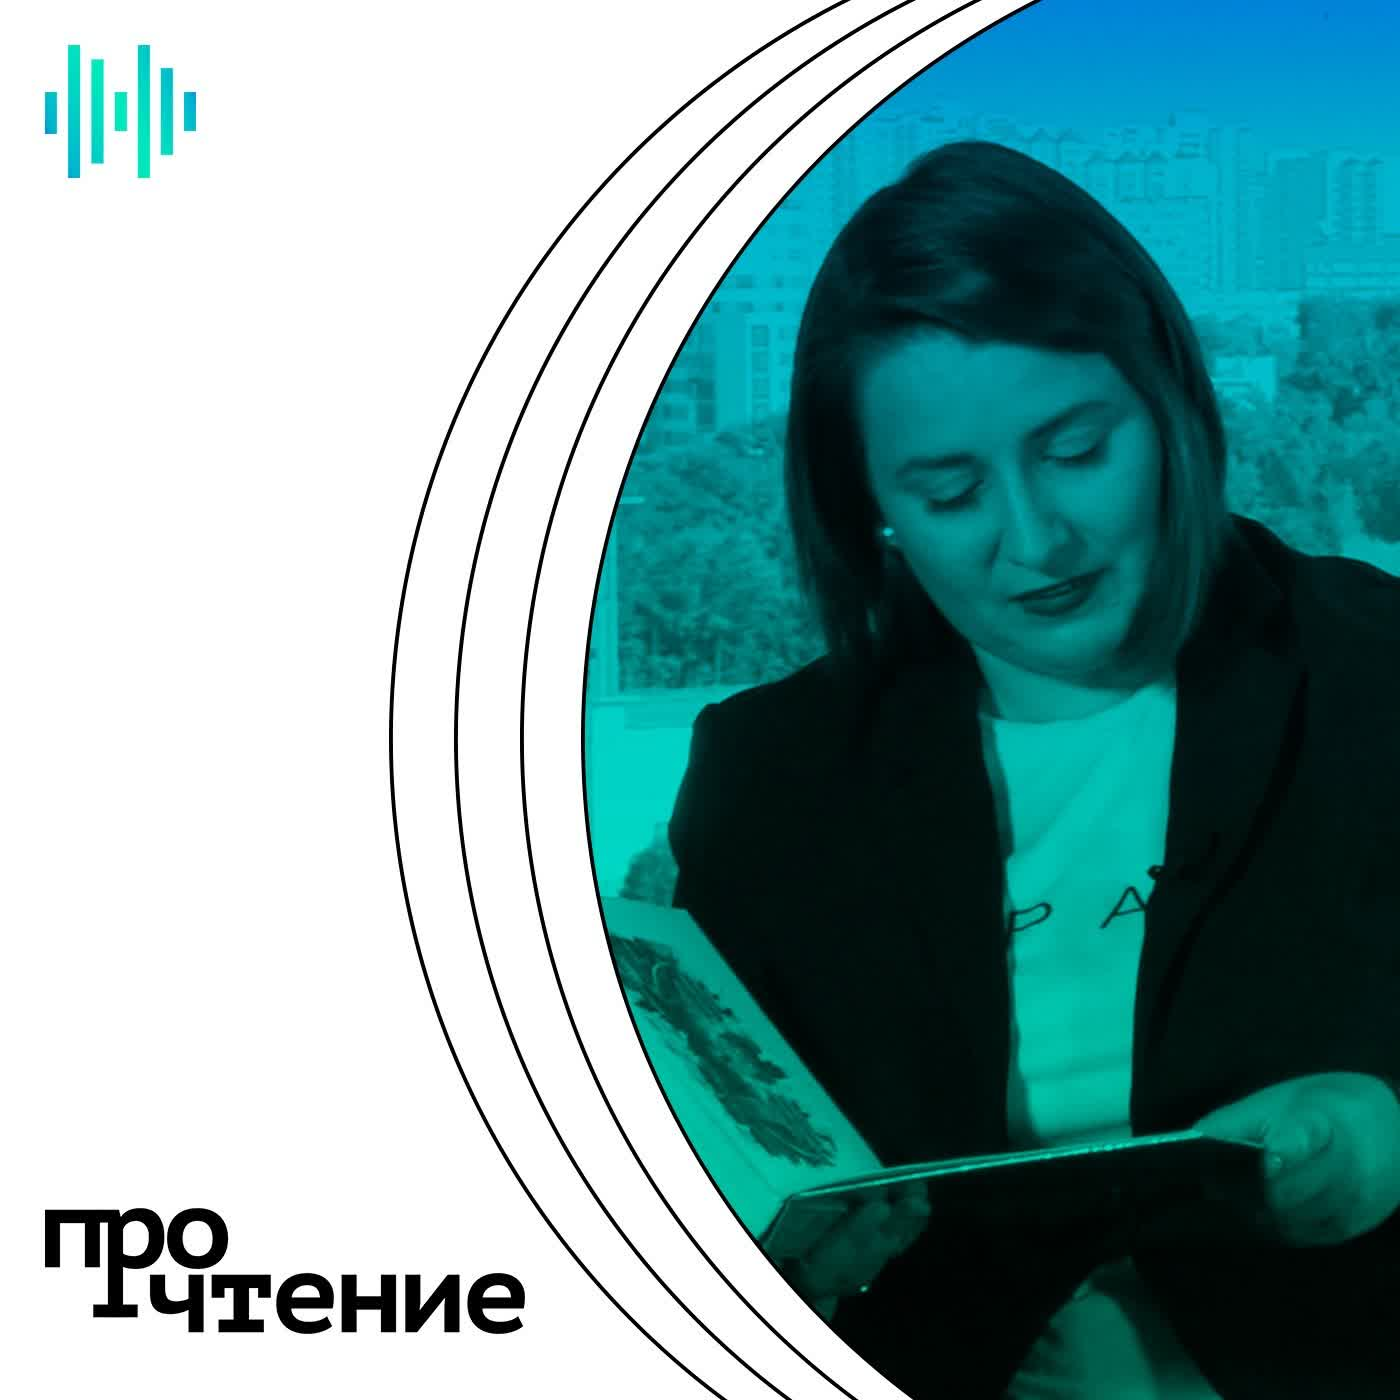 ПроЧтение #3 – Дина Сорокина читает «Приключения Чиполлино» Джанни Родари